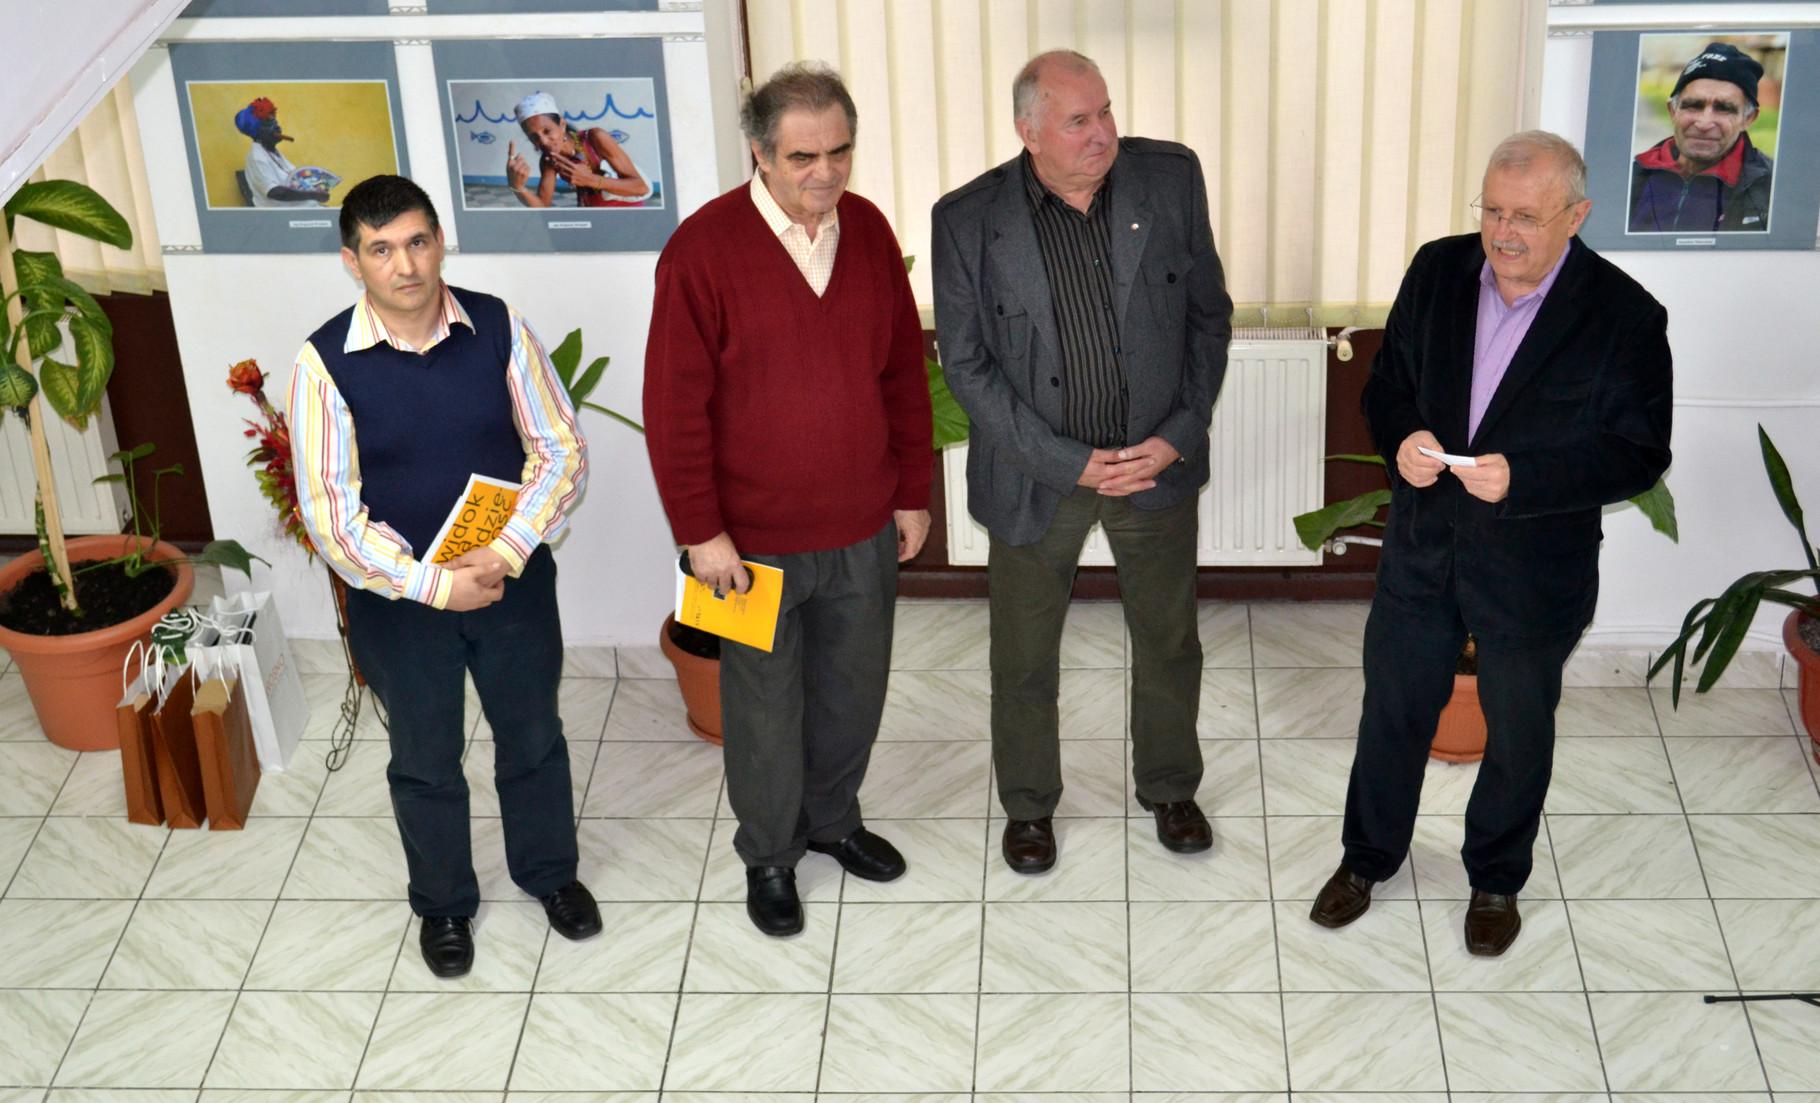 11.04.2014 - Oradea (RO)